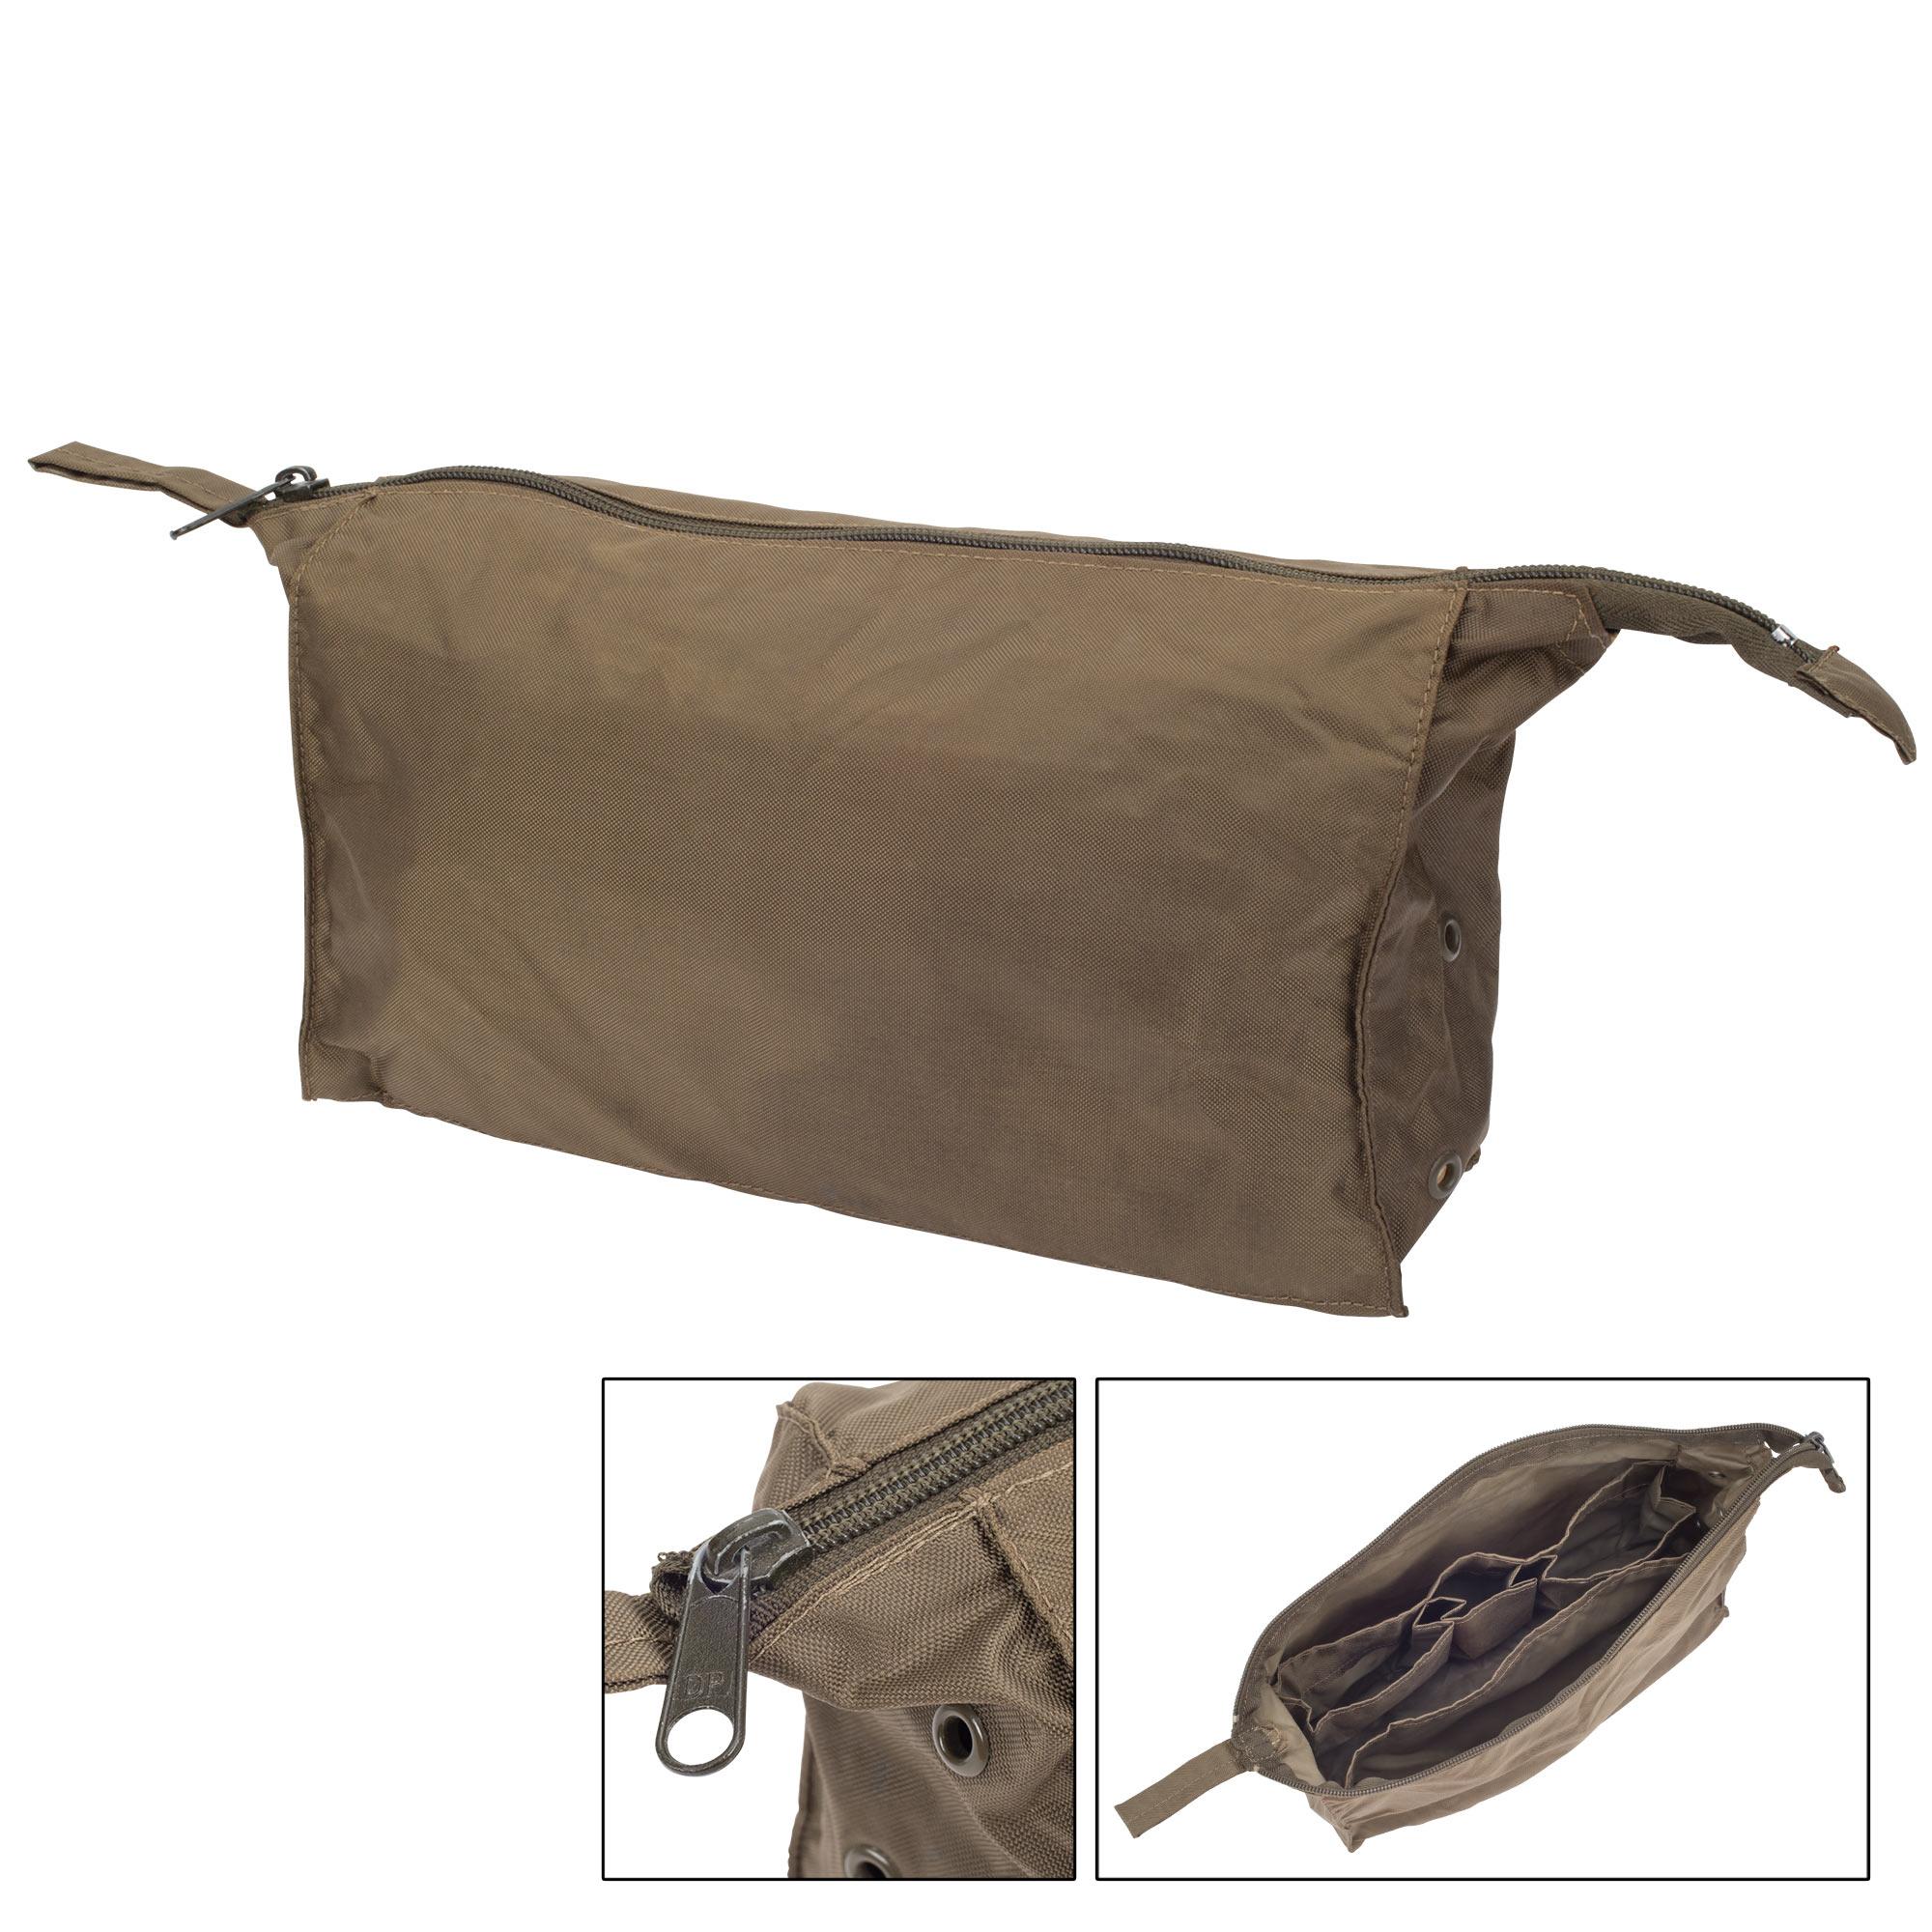 German Military Issue Toiletries Bag - Used - Nylon Exterior ... 997f7ddab8ac1